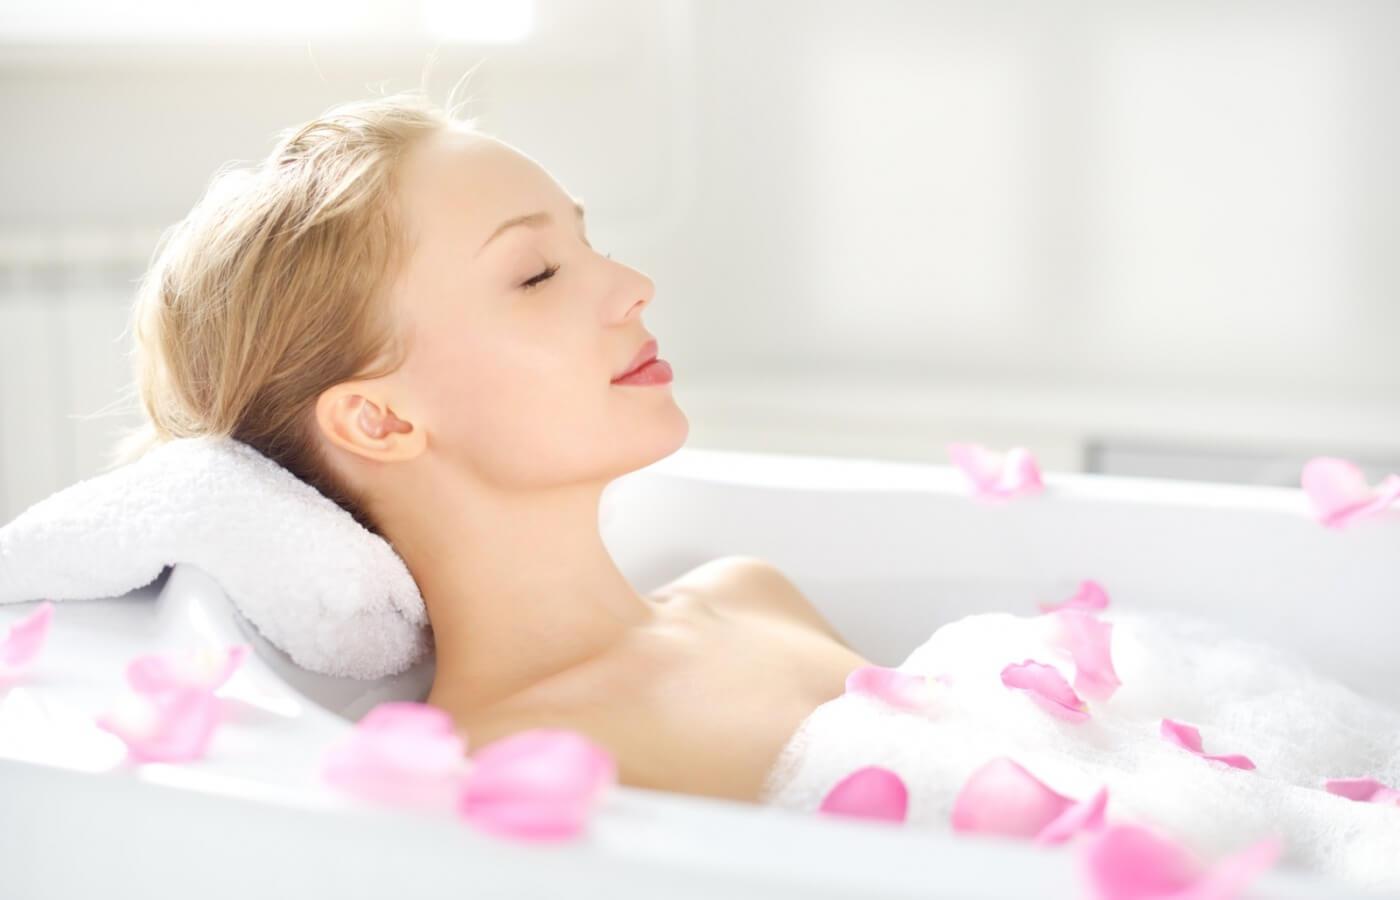 Tắm quá lâu, tắm nước quá nóng là thói quen không tốt cho da